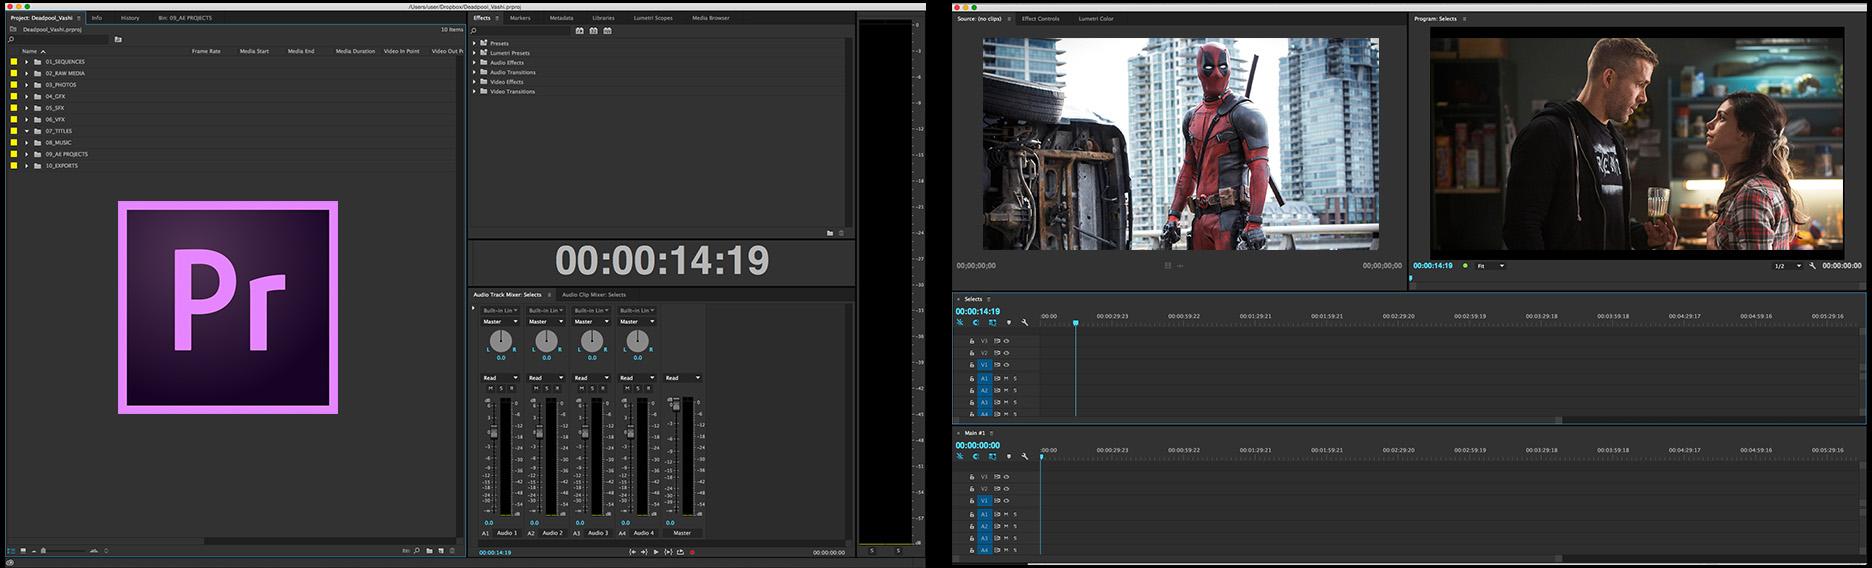 Programas da Adobe facilitaram o trabalho de edição do filme Deadpool